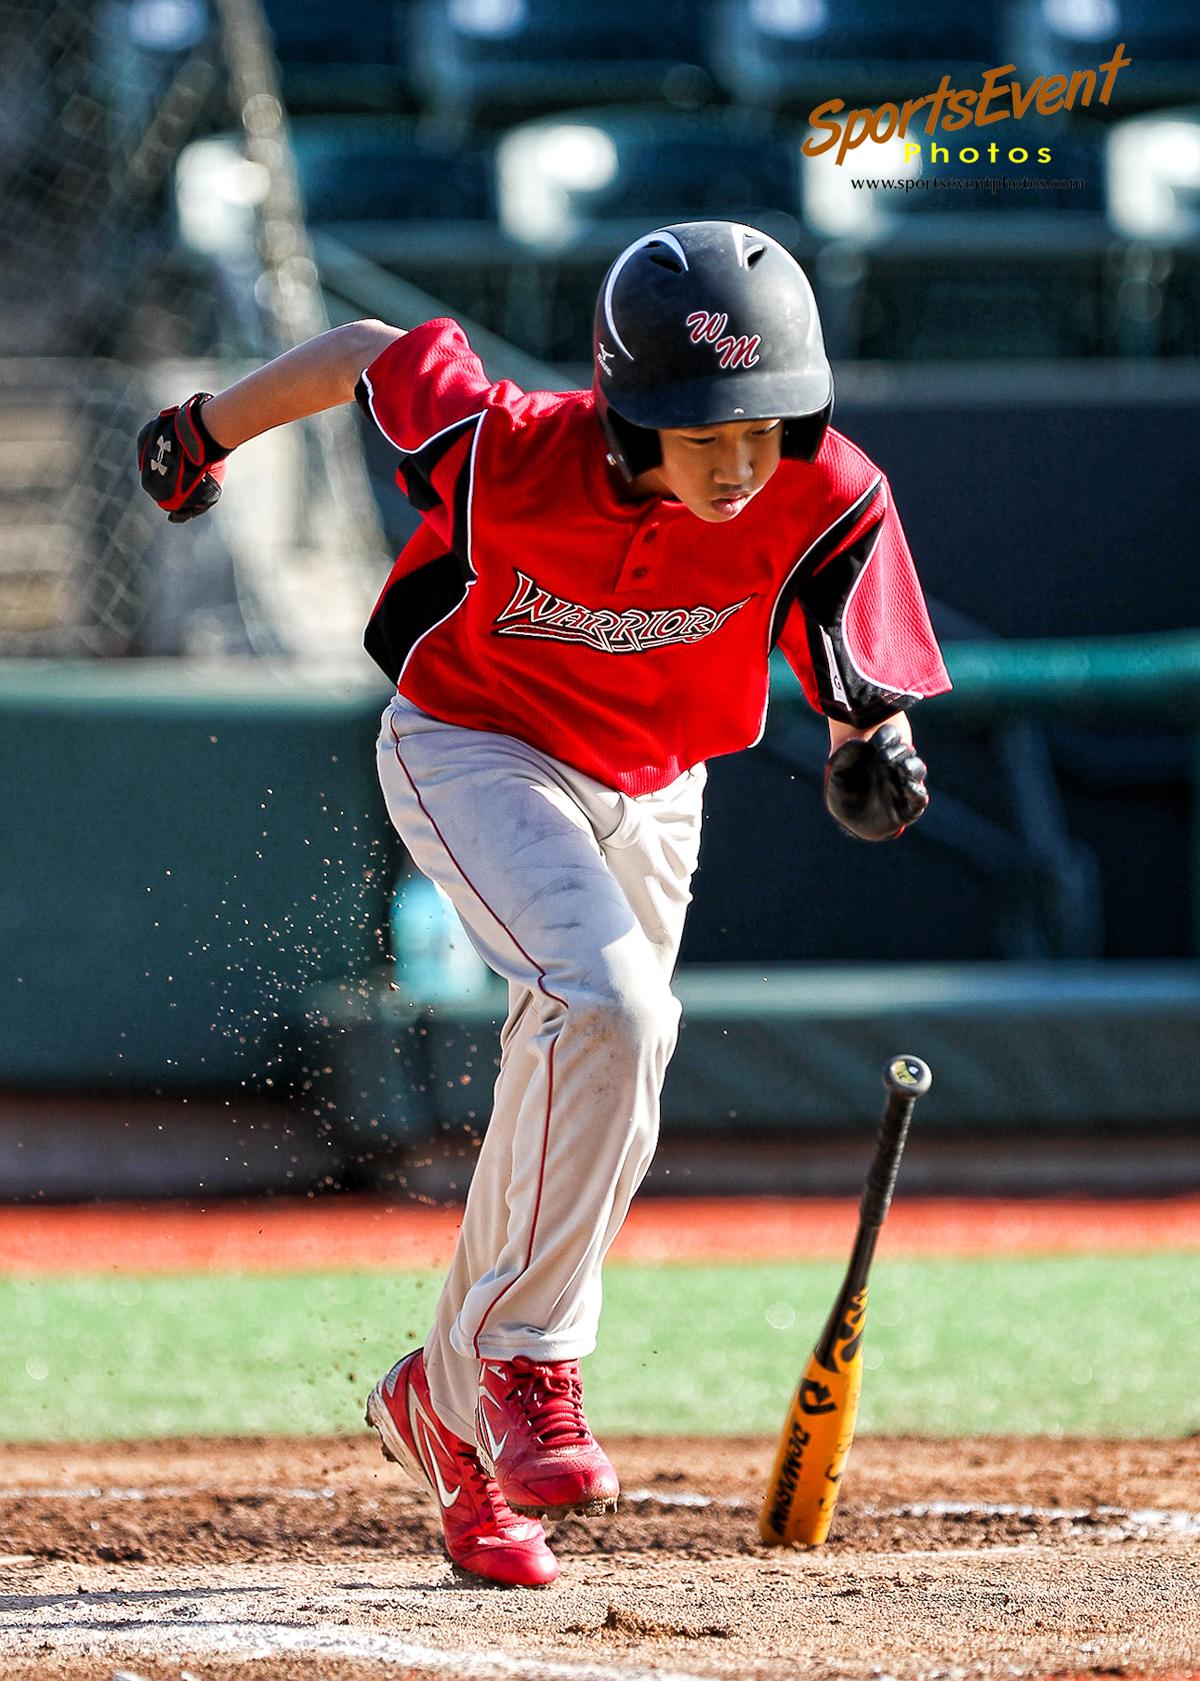 sportseventphotos-baseball-10